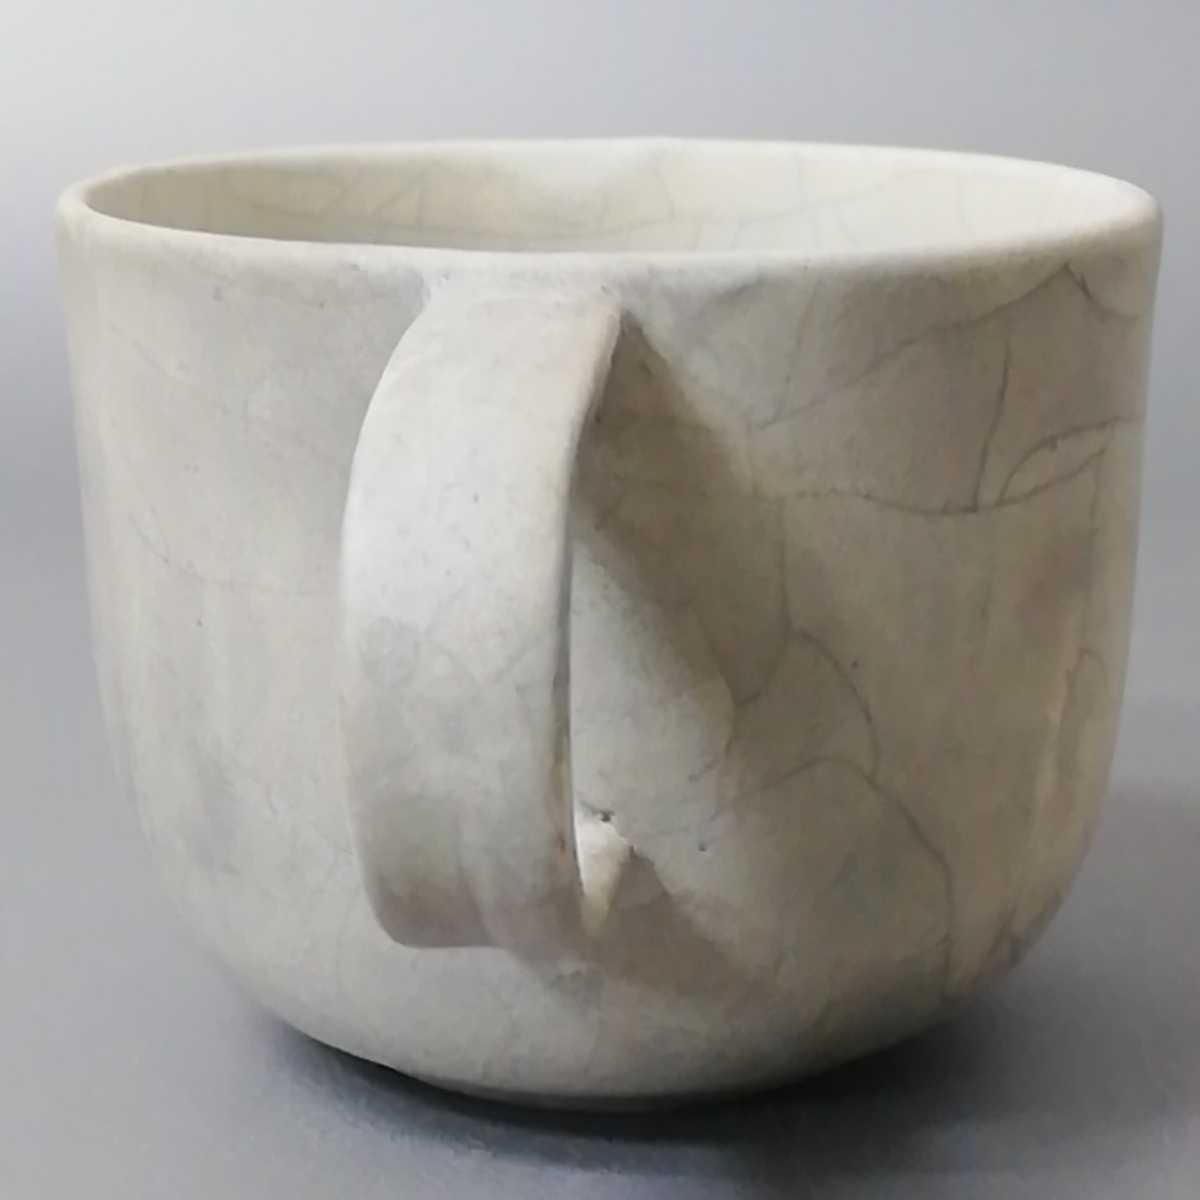 三23)萩焼 コーヒーカップ マグカップ 珈琲器 未使用新品 同梱歓迎_画像2